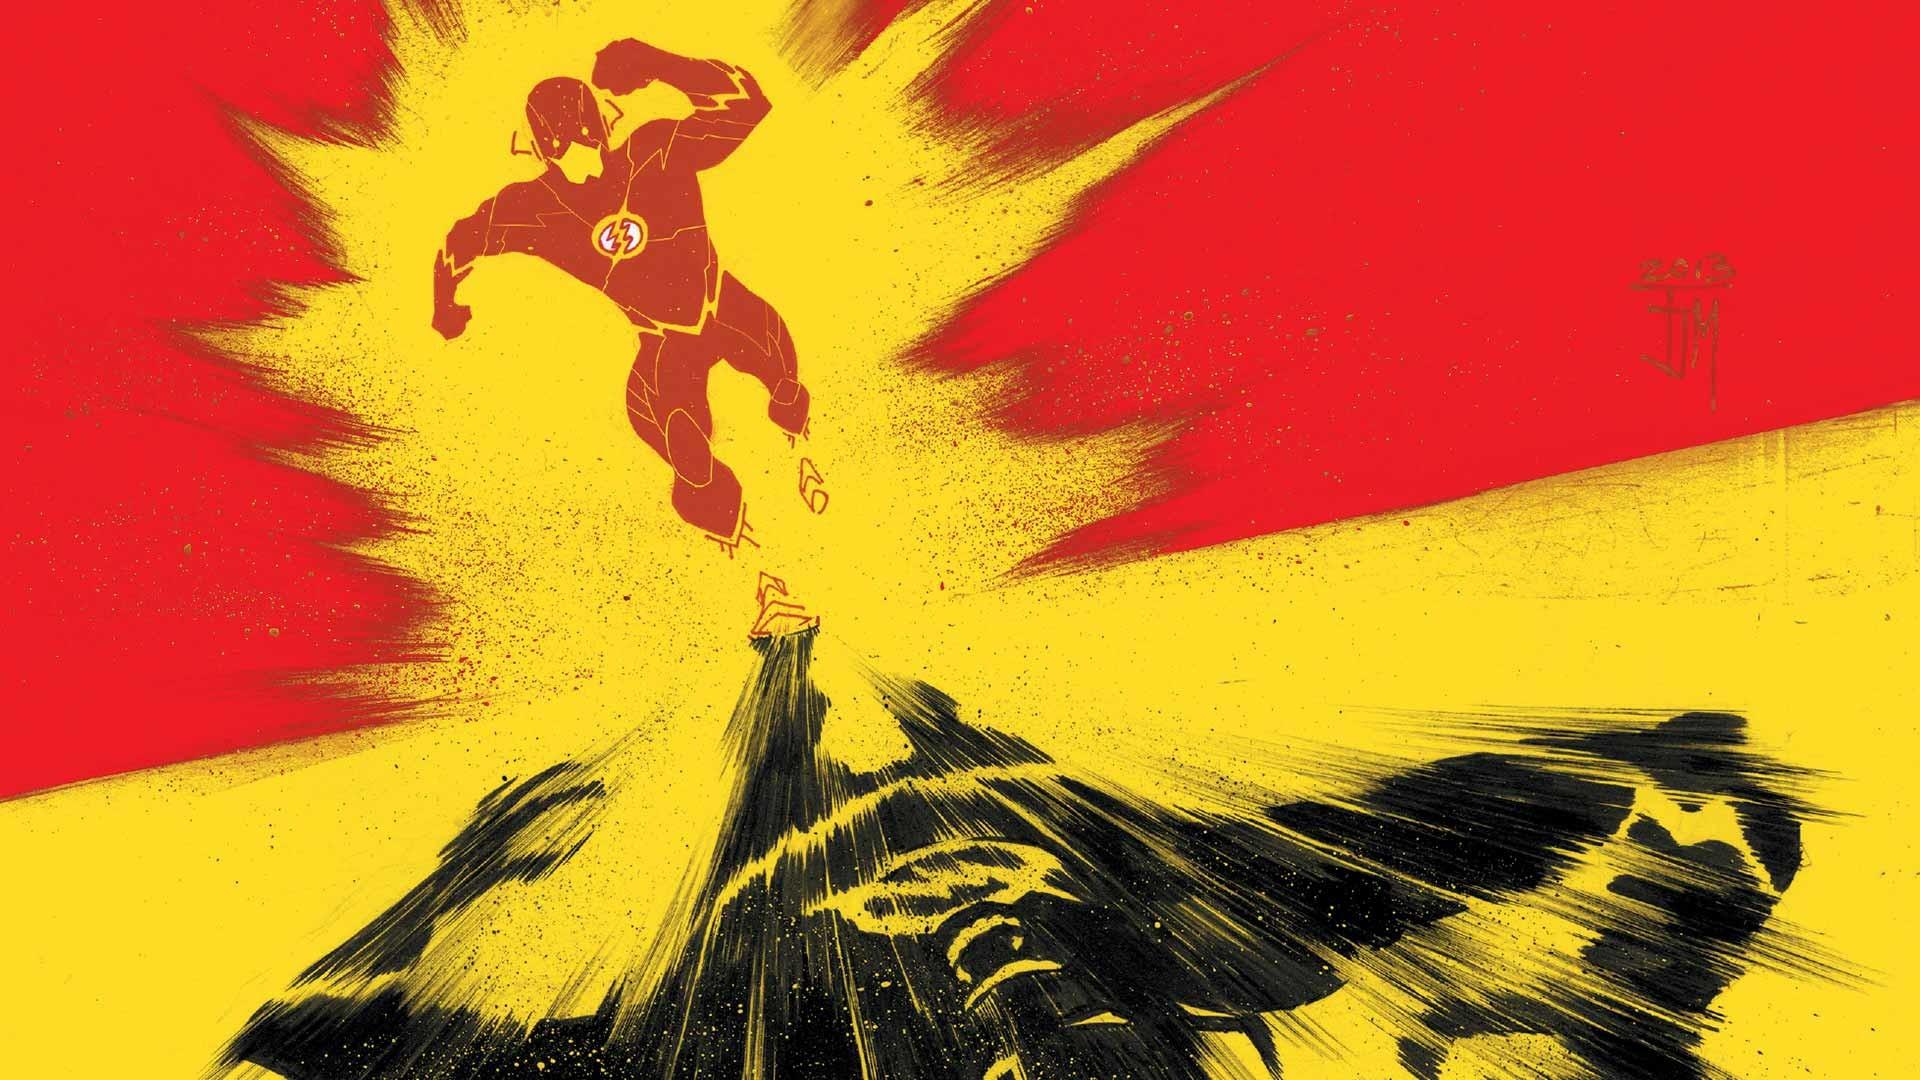 17 Best images about Flash Villans on Pinterest | Reverse flash .